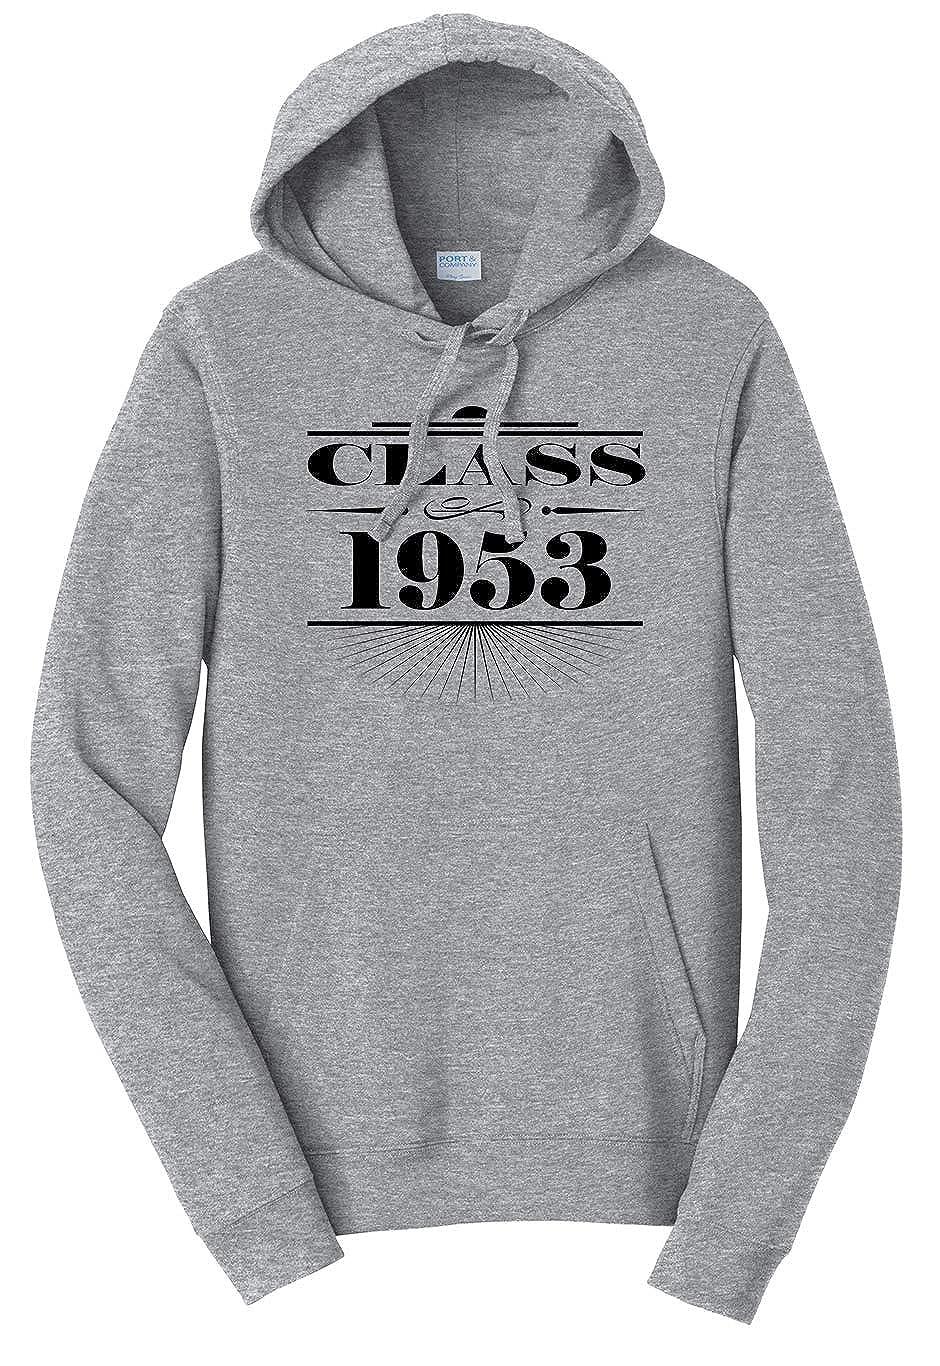 Tenacitee Unisex Art Deco Class of 1953 Sweatshirt